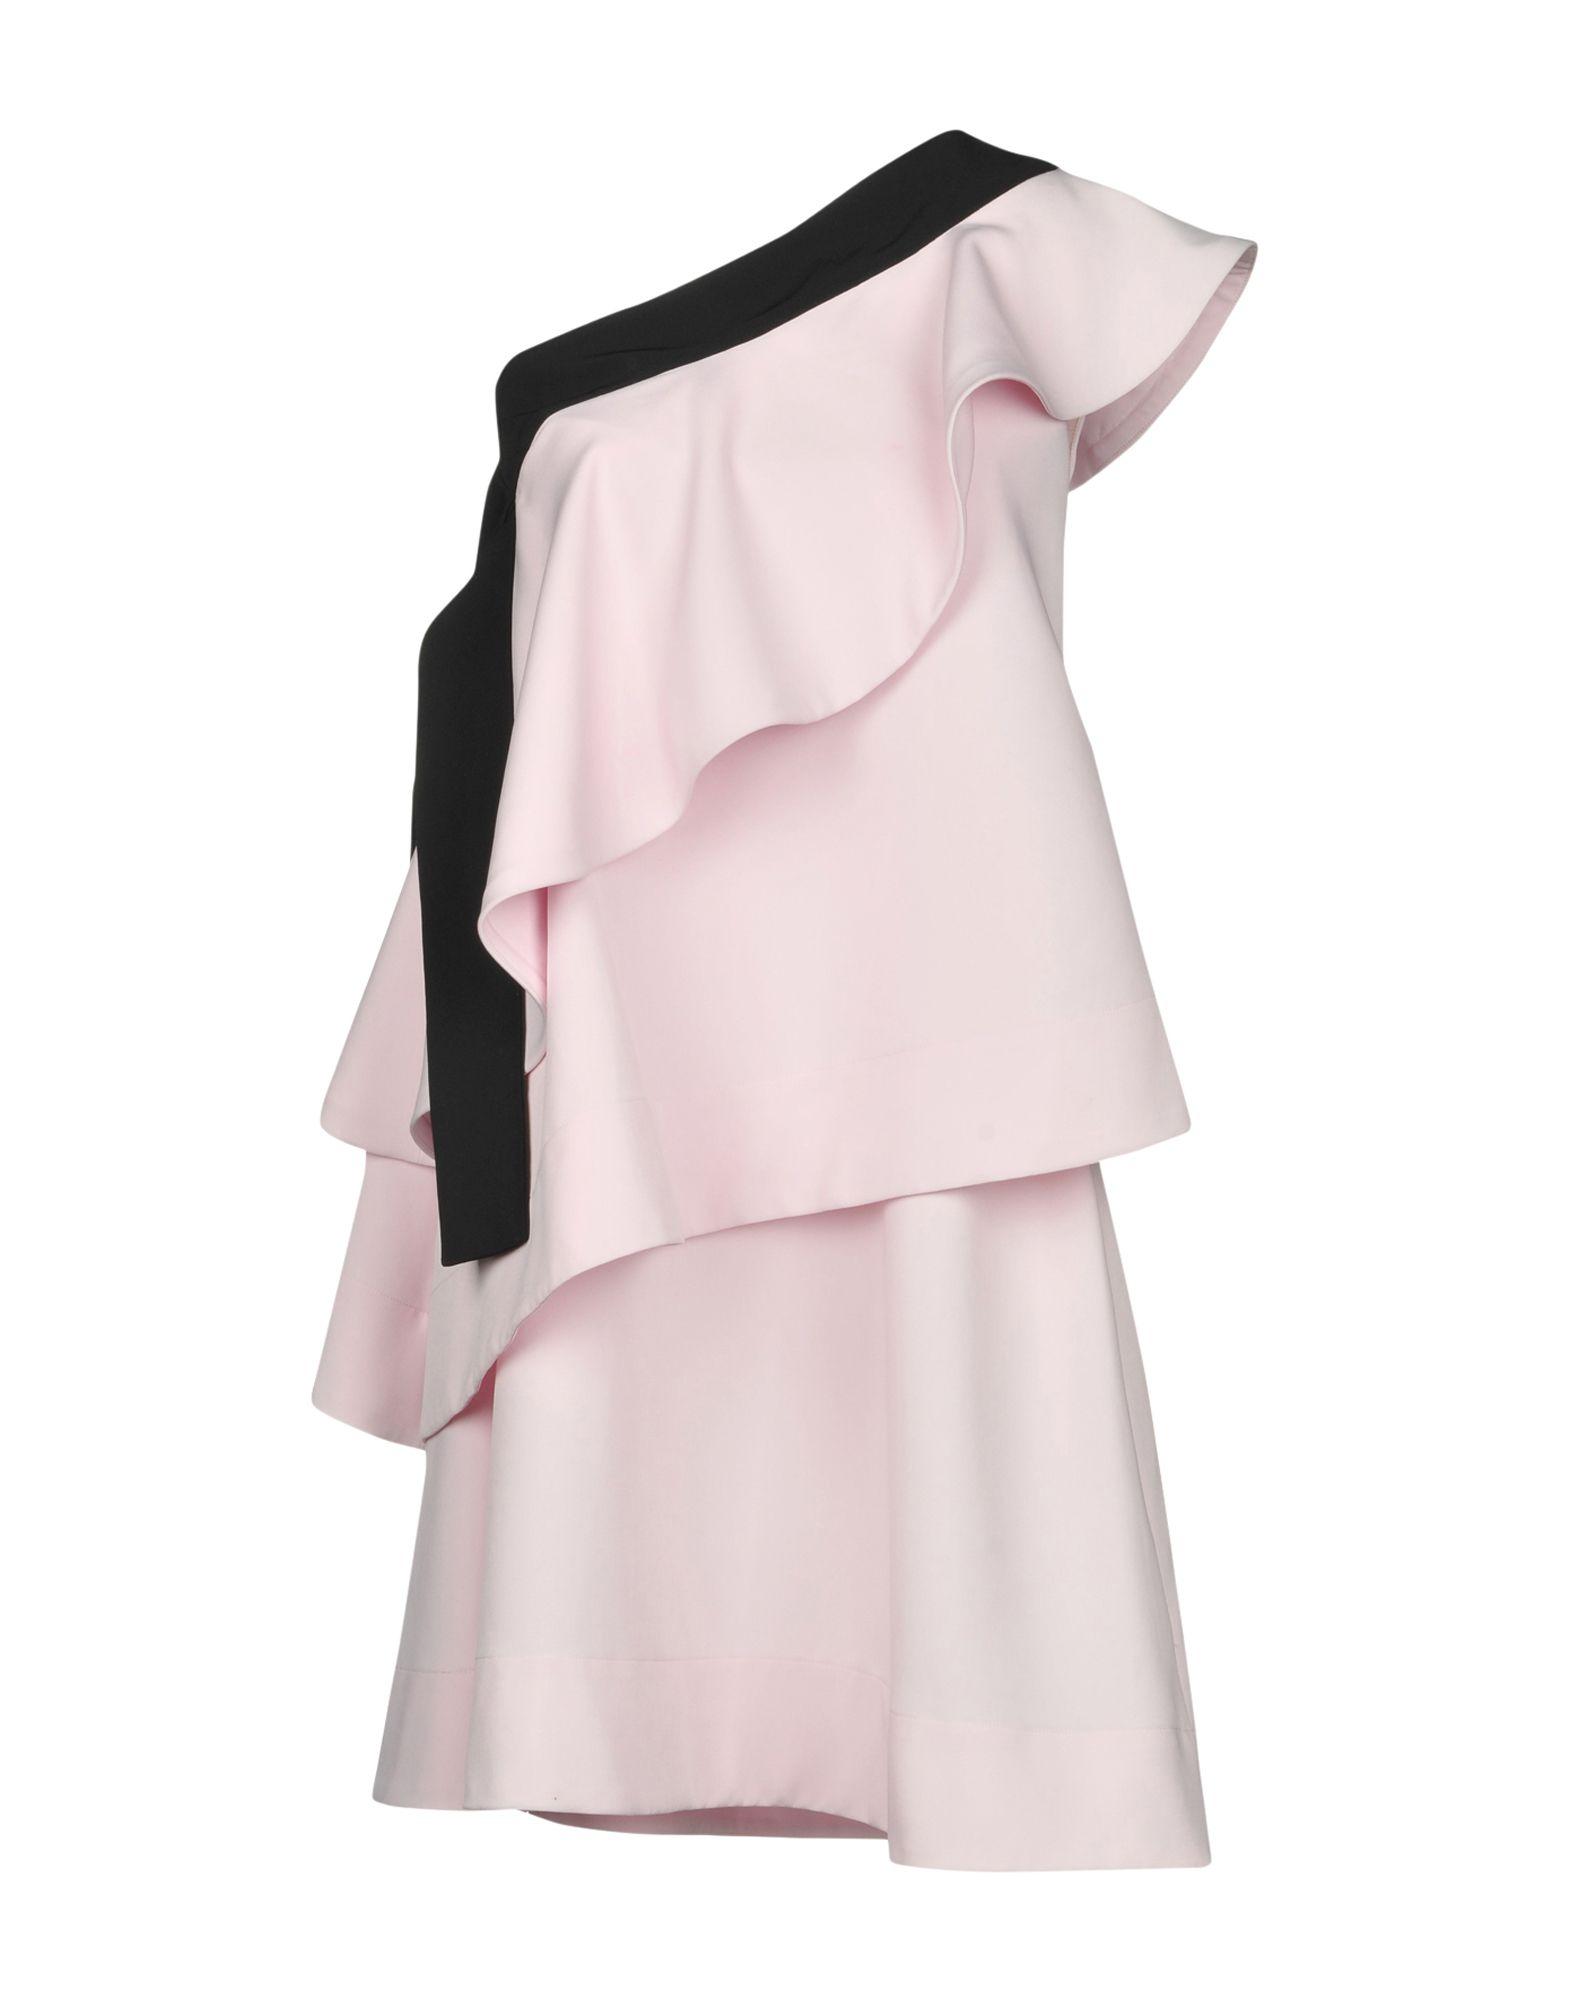 MIAHATAMI Короткое платье малого сексуально женщин от летних моды случайных плечо мини платье